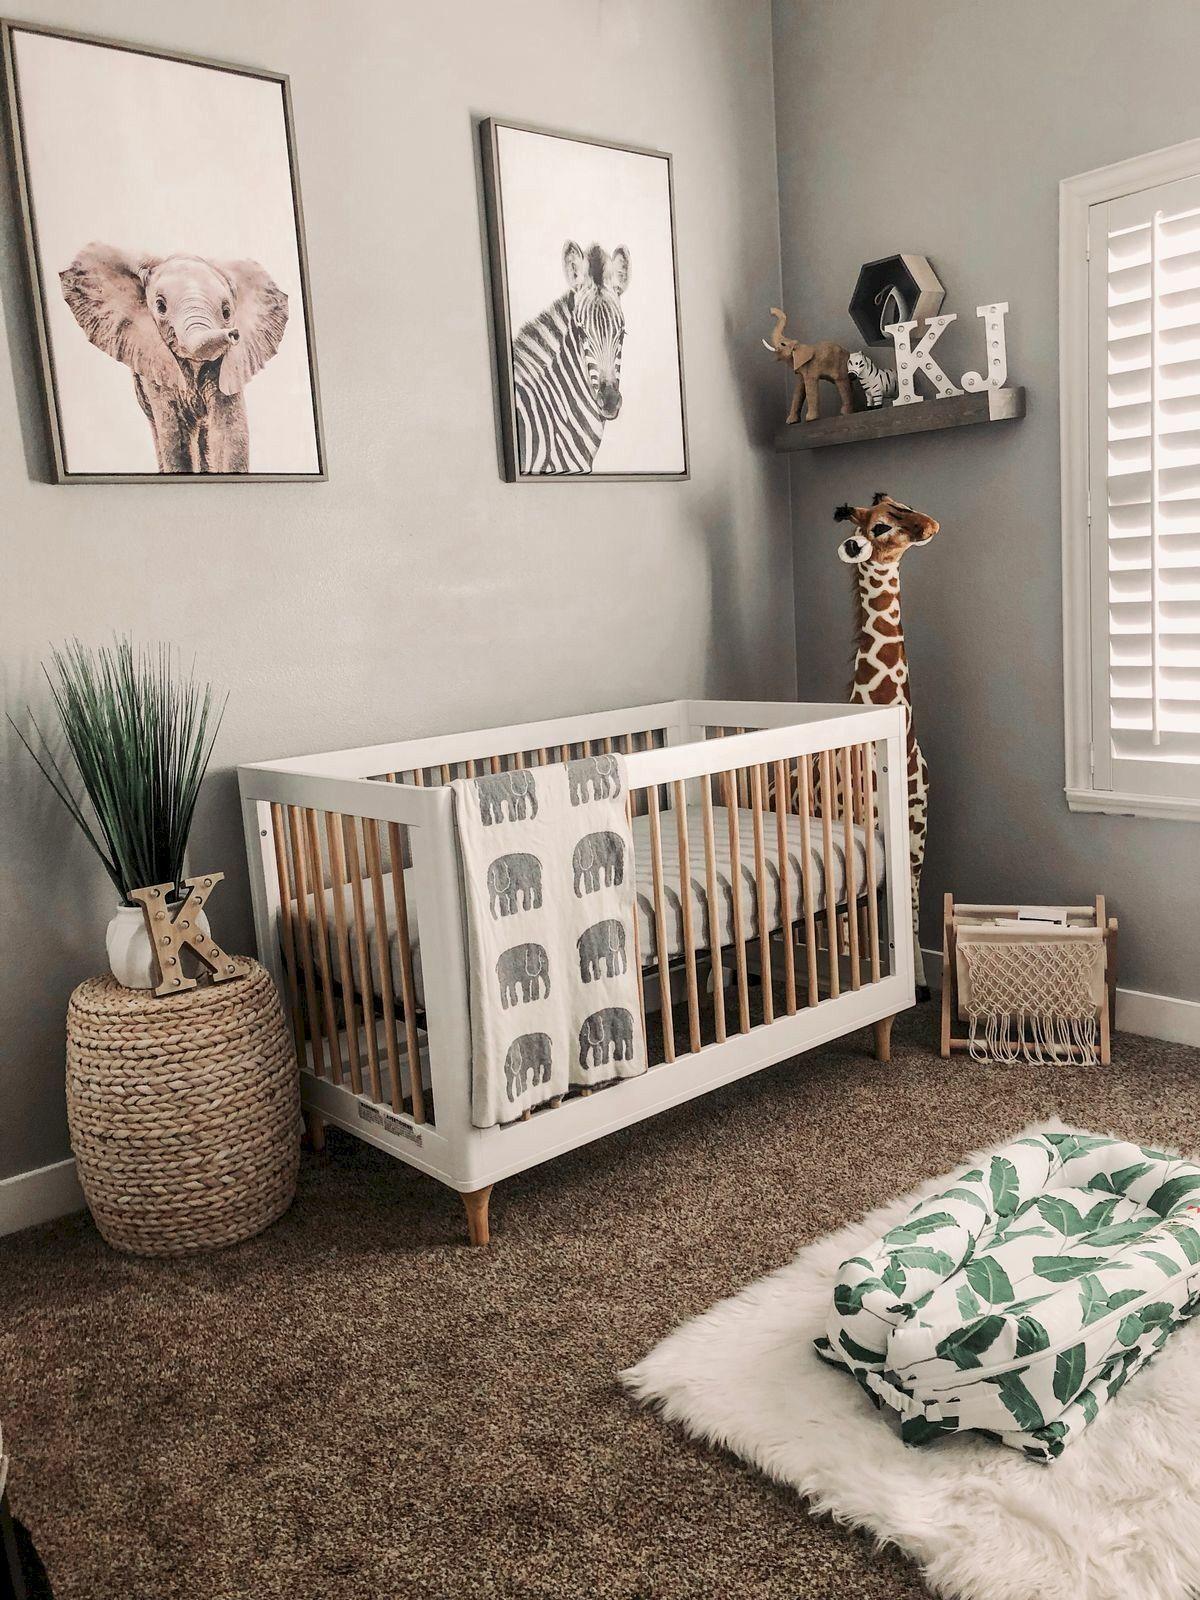 30+ Unique Baby Boy Nursery Room Design Ideas With Animal That So Cute#animal #baby #boy #cute #design #ideas #nursery #room #unique